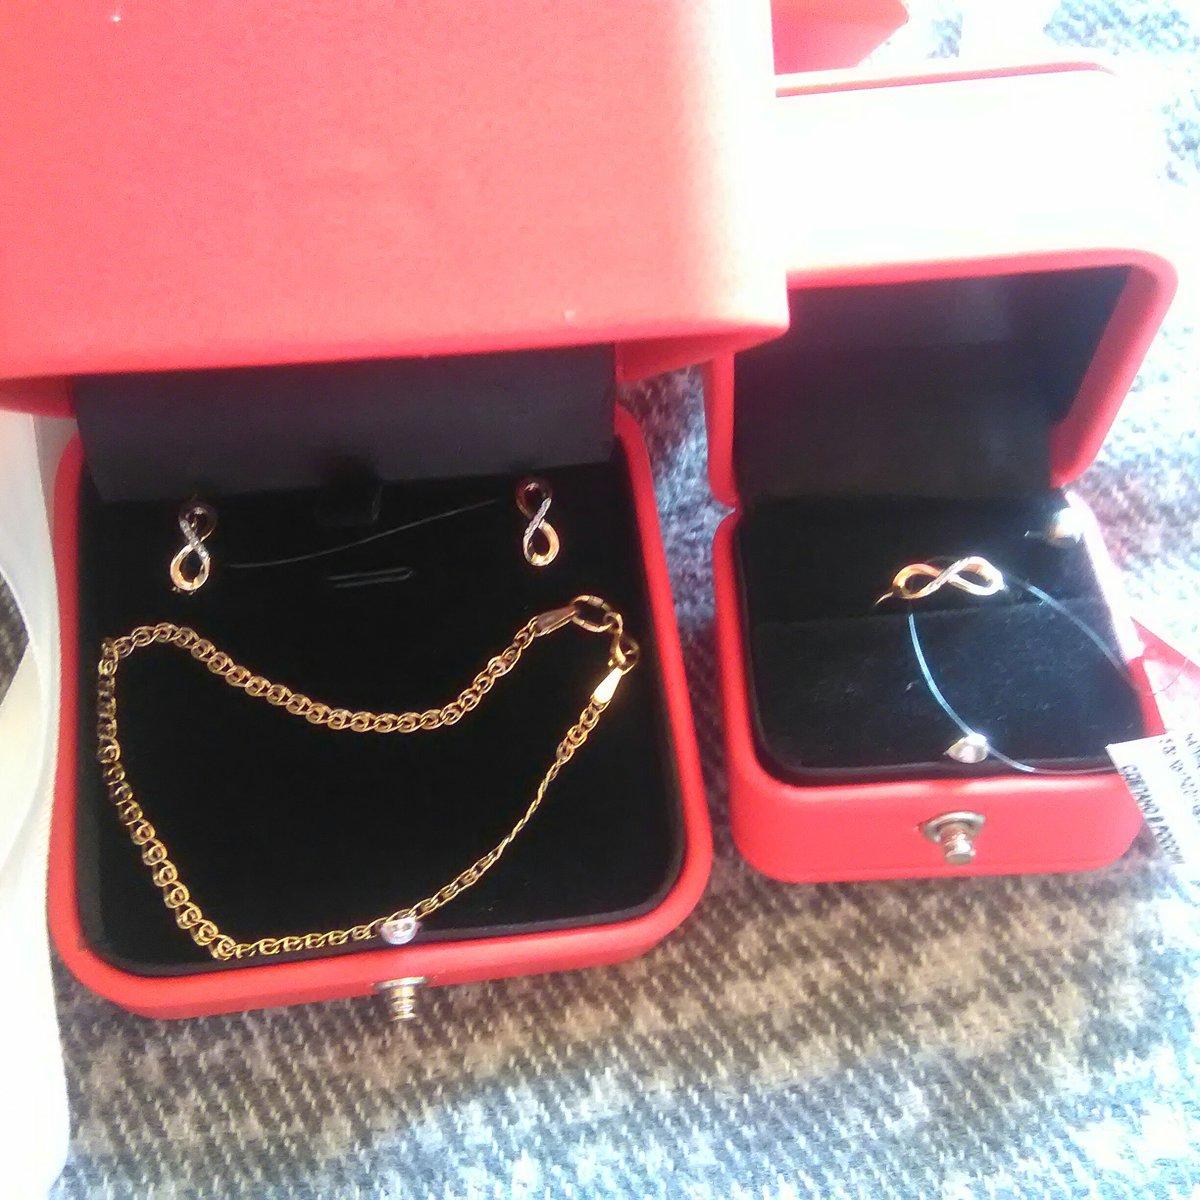 Прикольные сережки, купила дочери и еще купила ей колечко тоже симпатичное